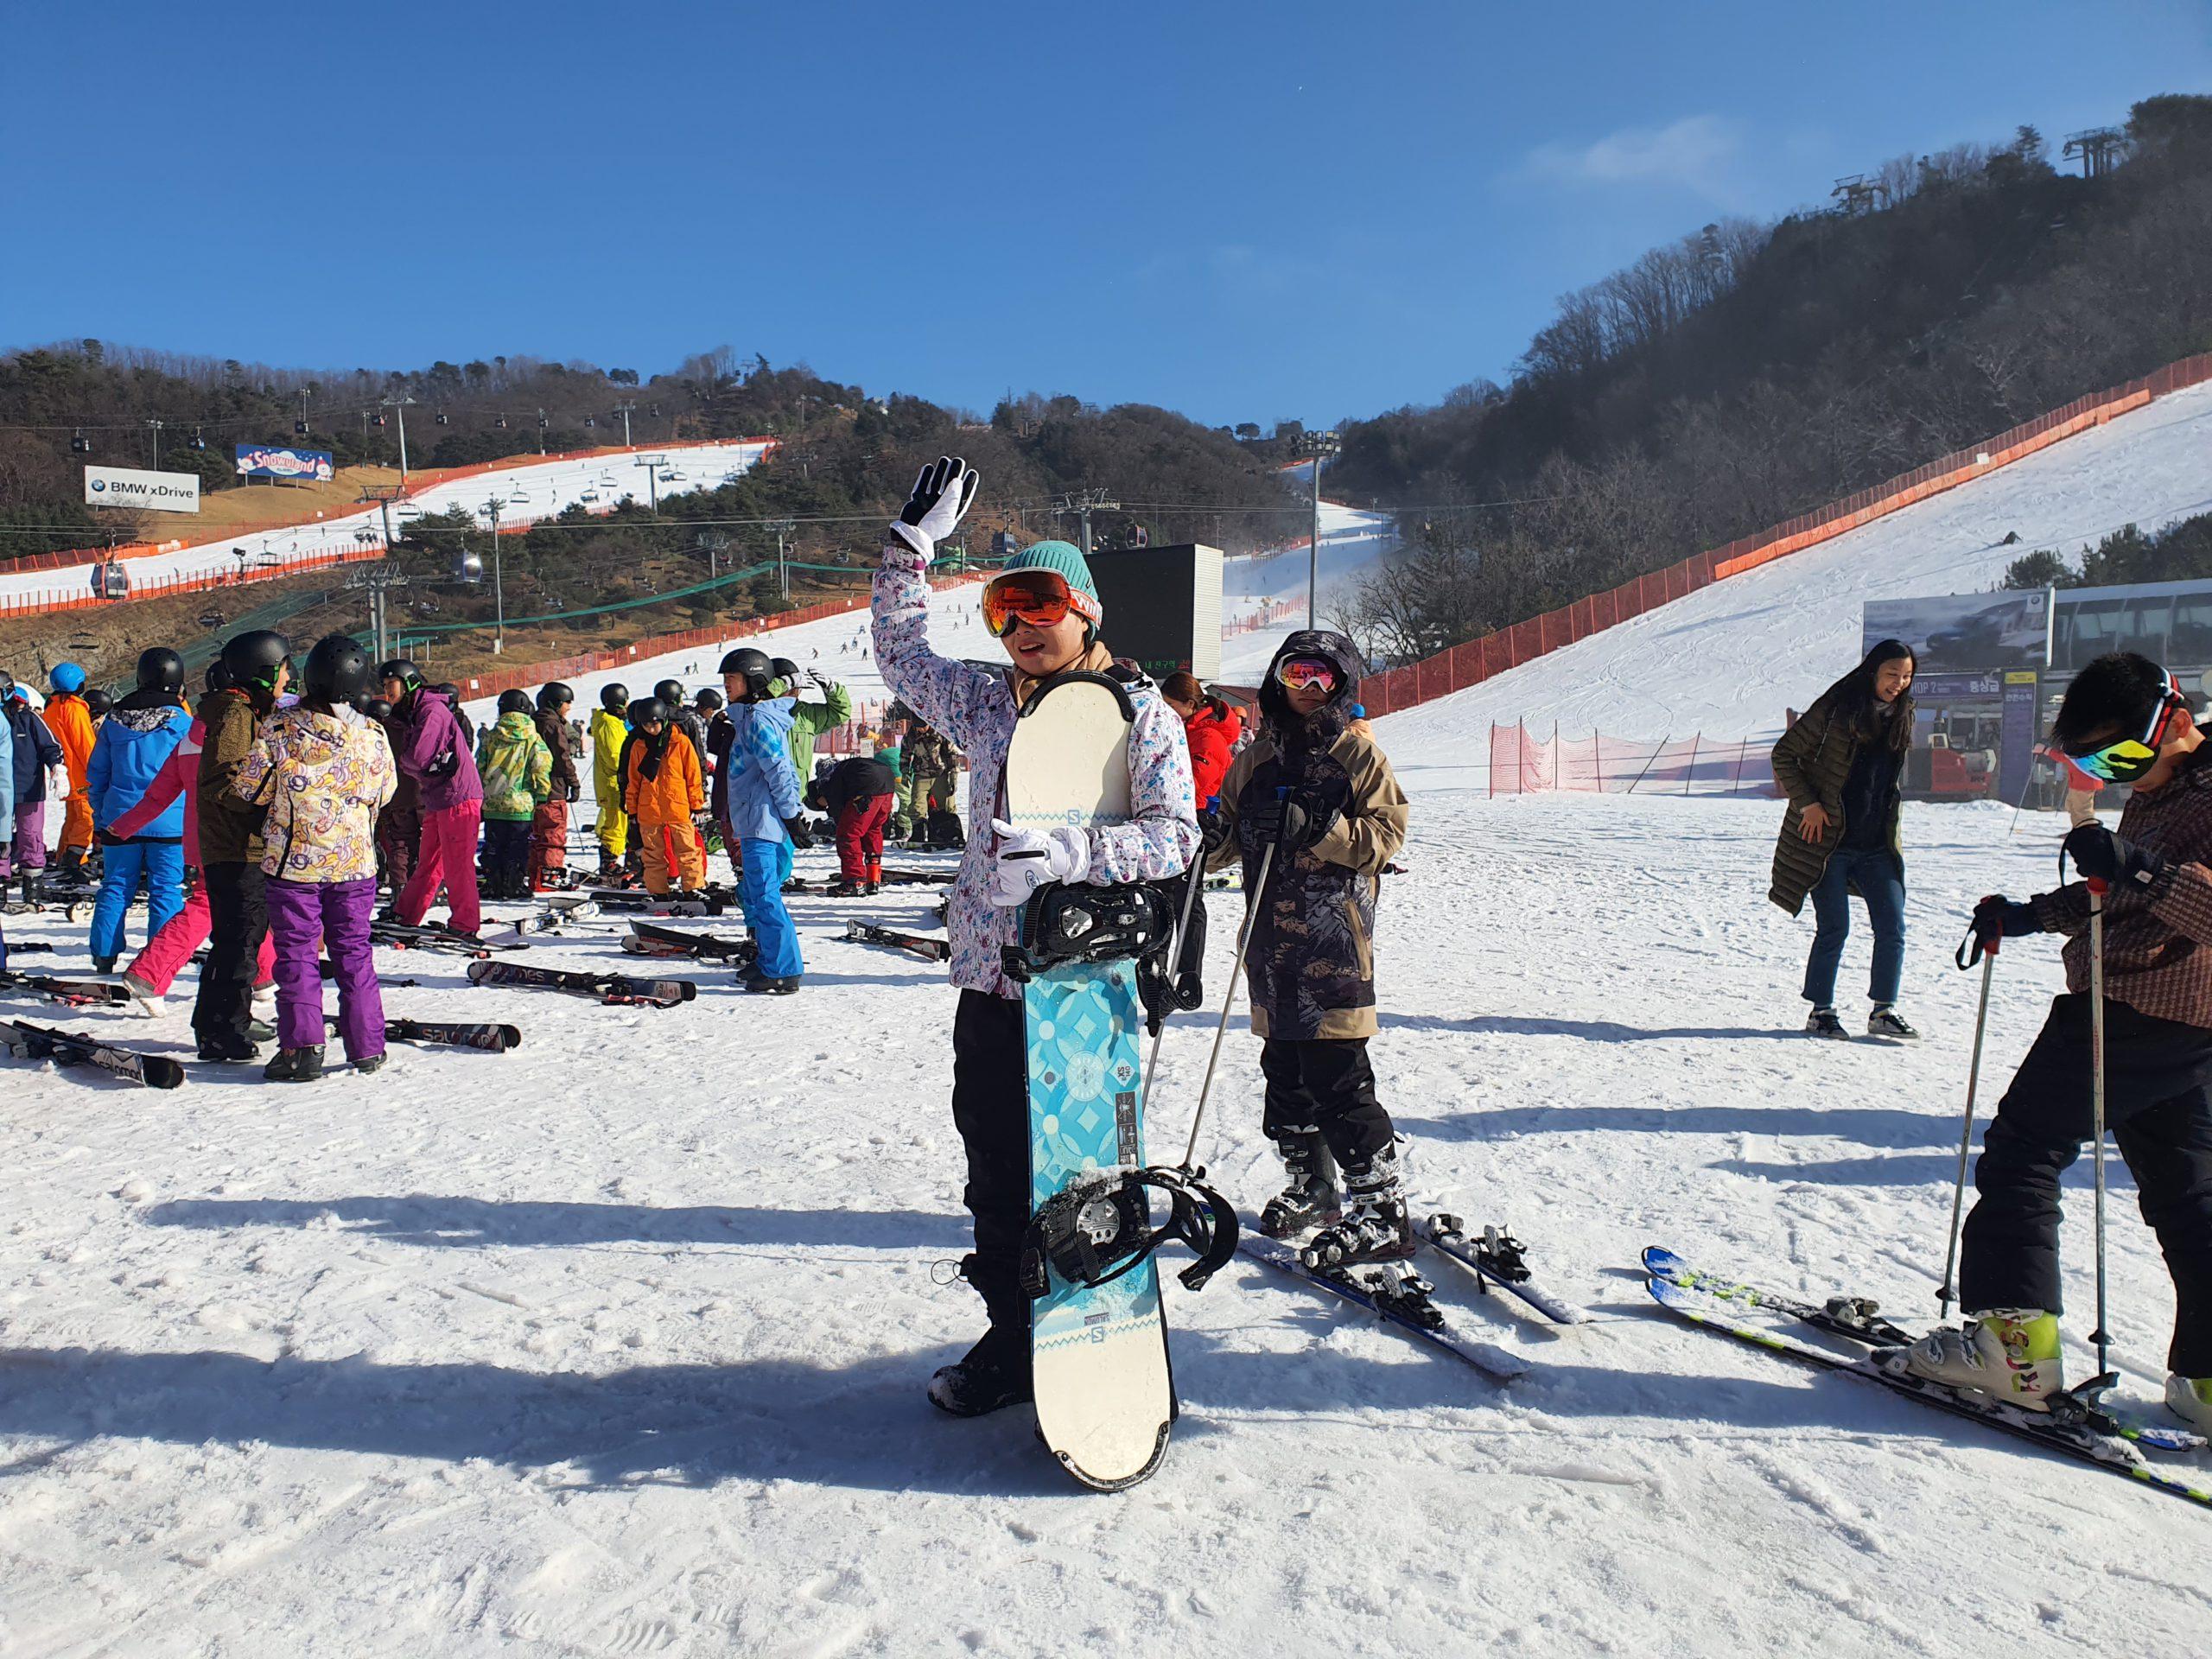 [Review] Snowboarding in Vivaldi Park Resort